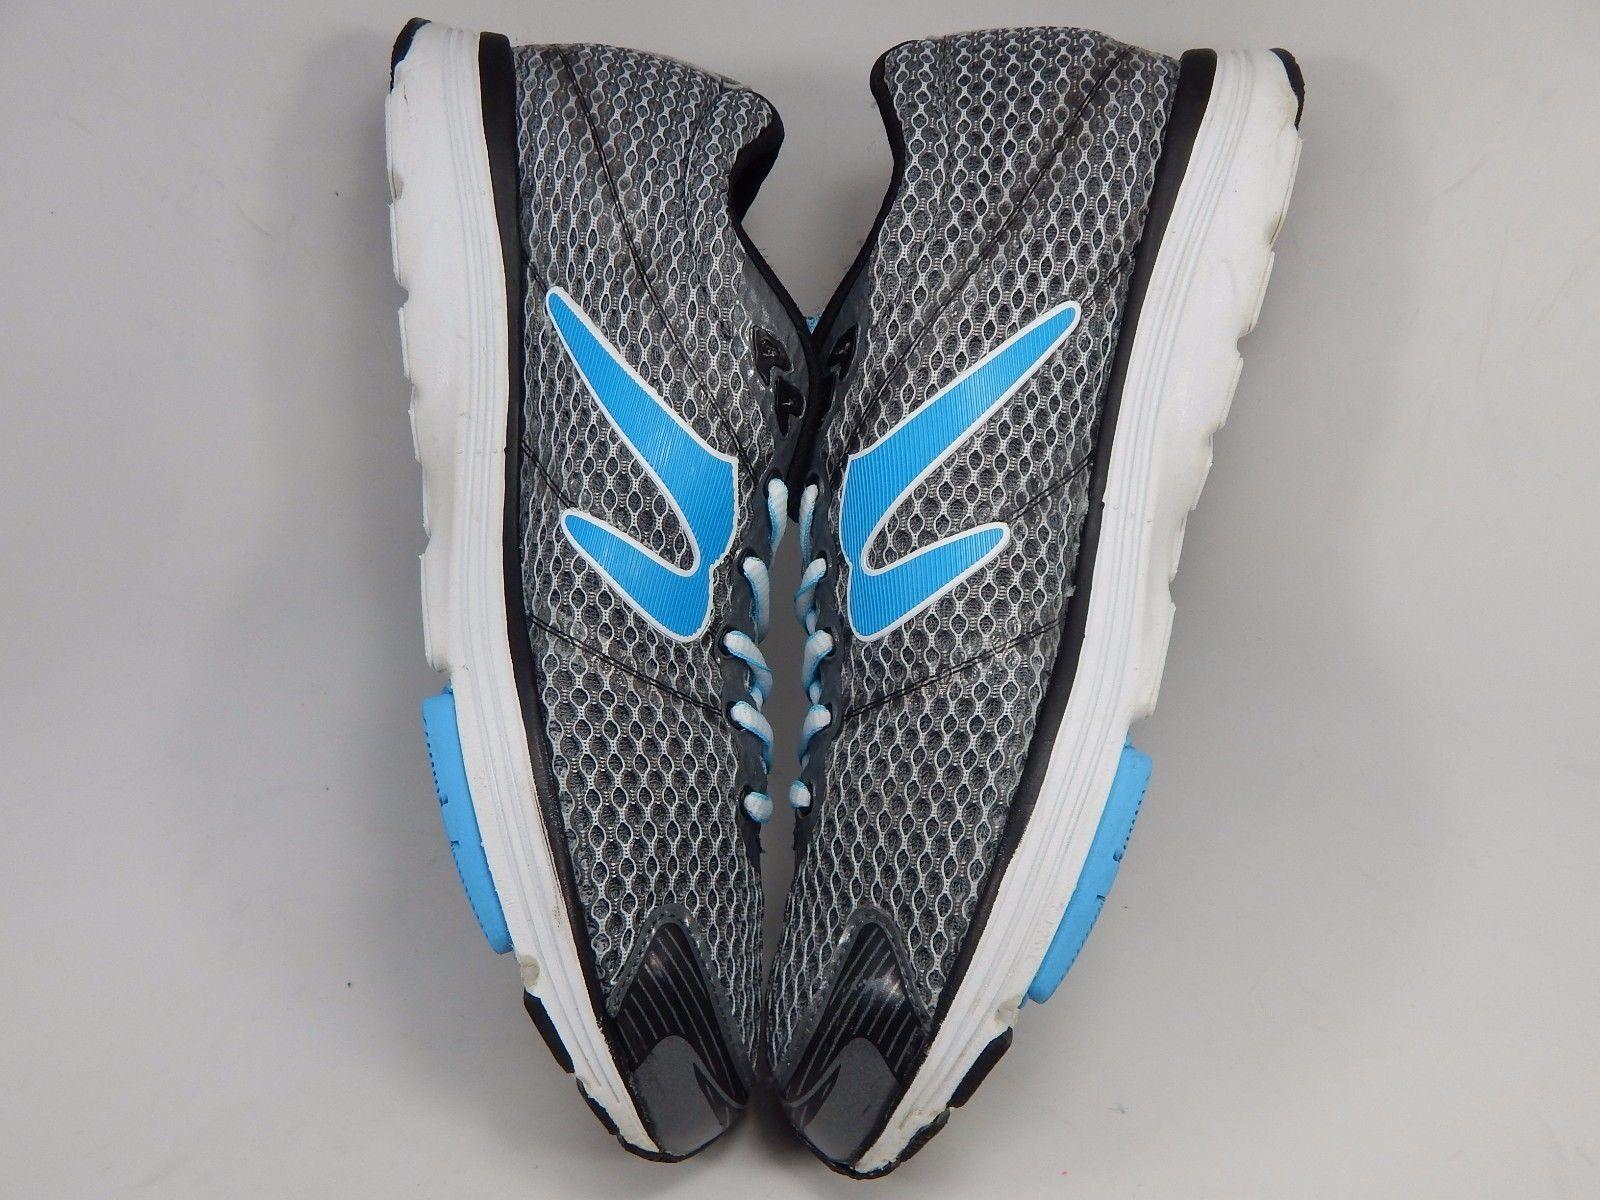 Newton AHA II 2 Women's Running Shoes Size US 10.5 M (B) EU 42 Gray W004215